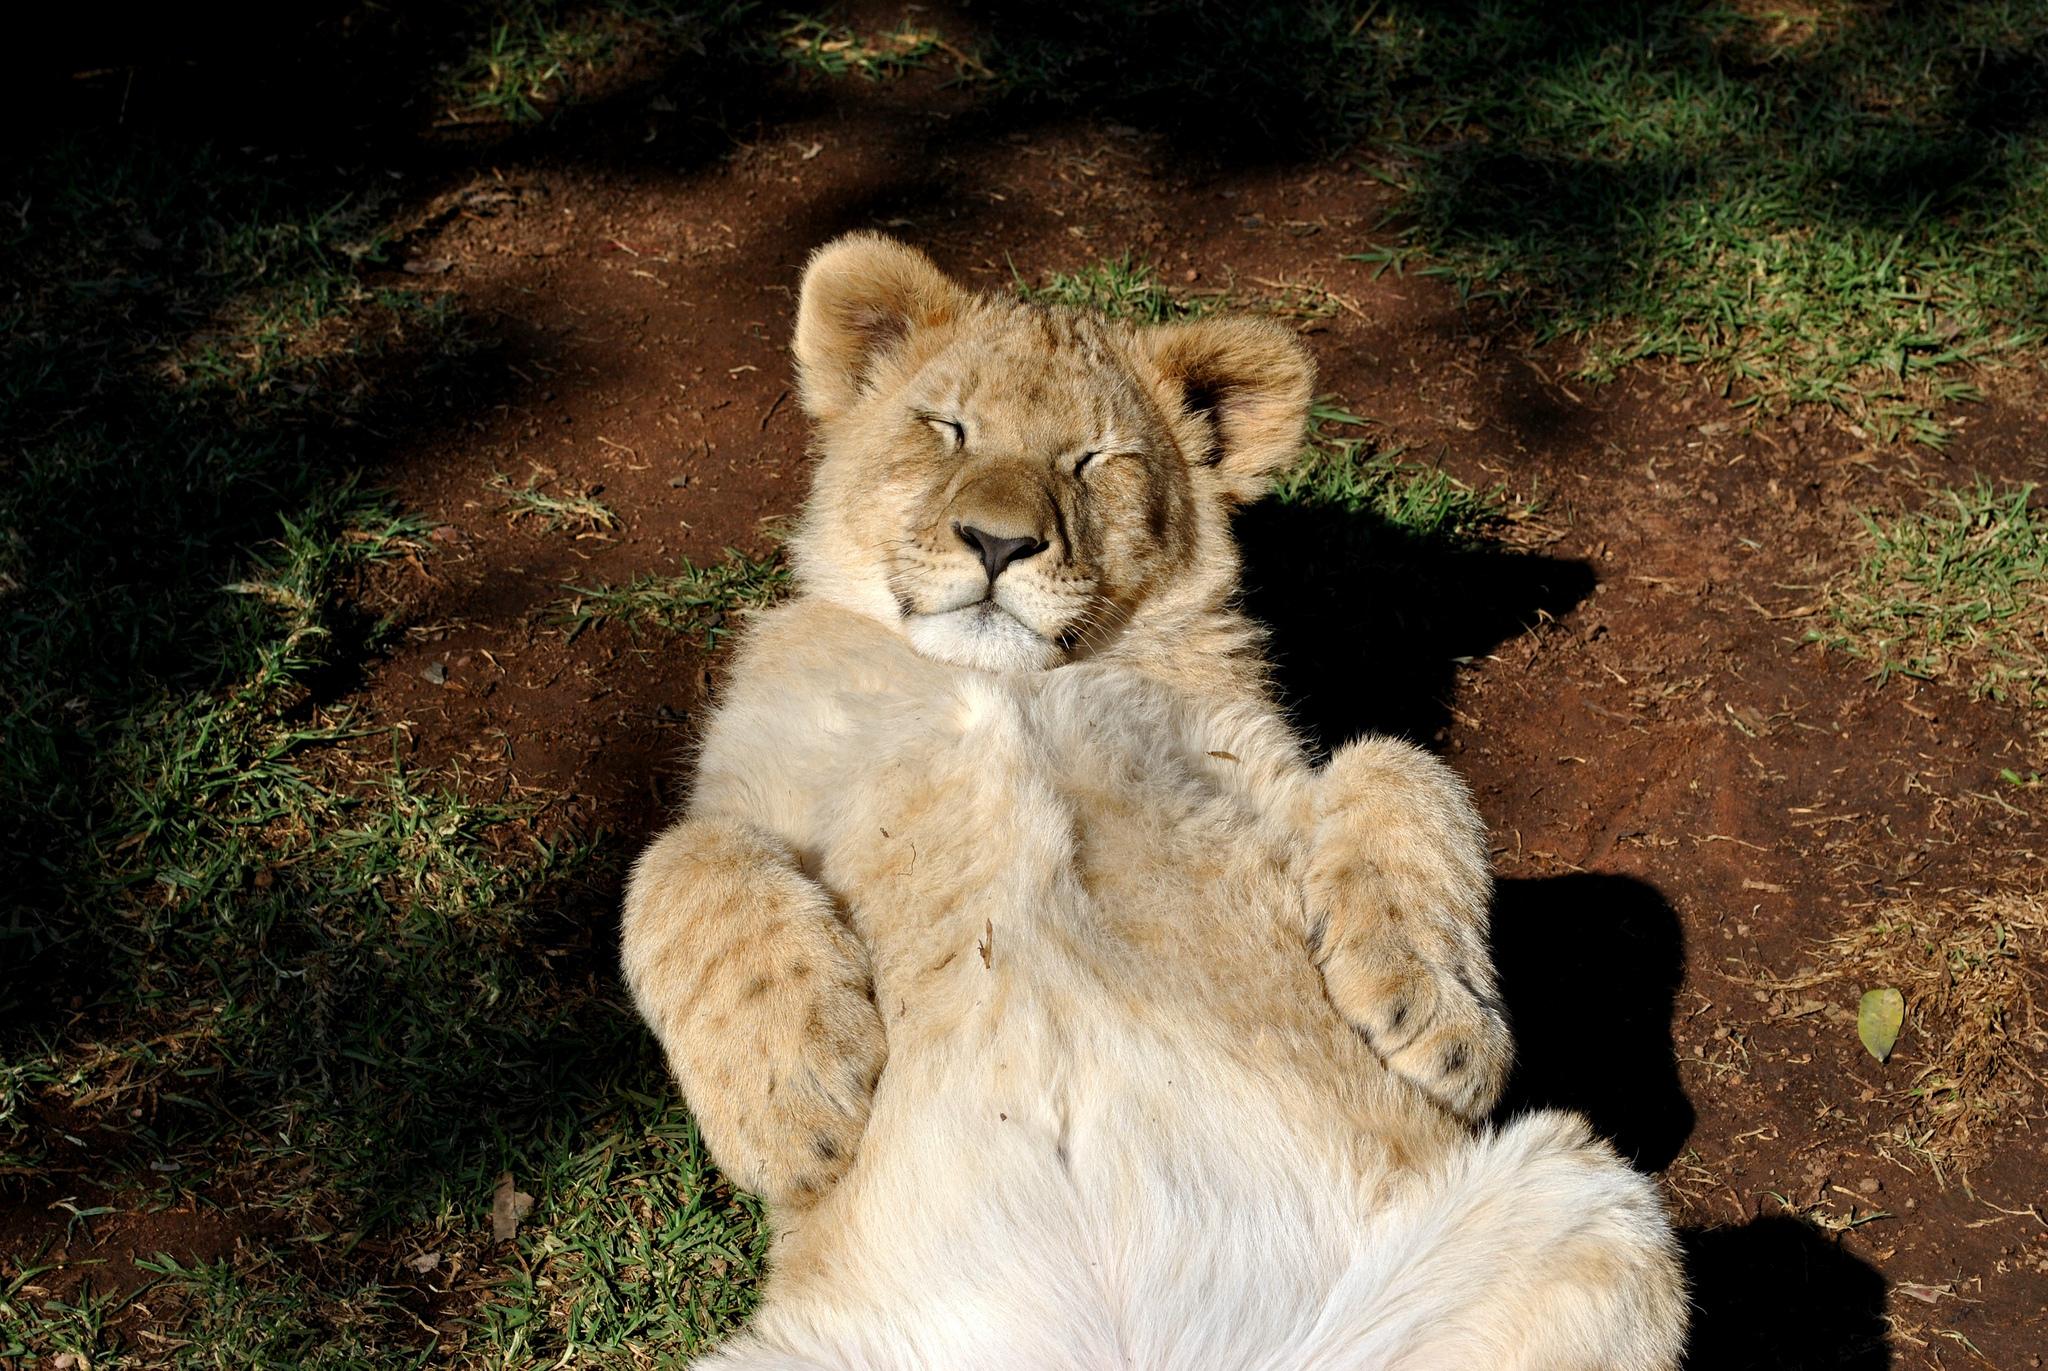 123554 Hintergrundbild herunterladen Tiere, Junge, Löwe, Raubtier, Predator, Entspannung, Ruhepause, Joey, Löwenjunges - Bildschirmschoner und Bilder kostenlos